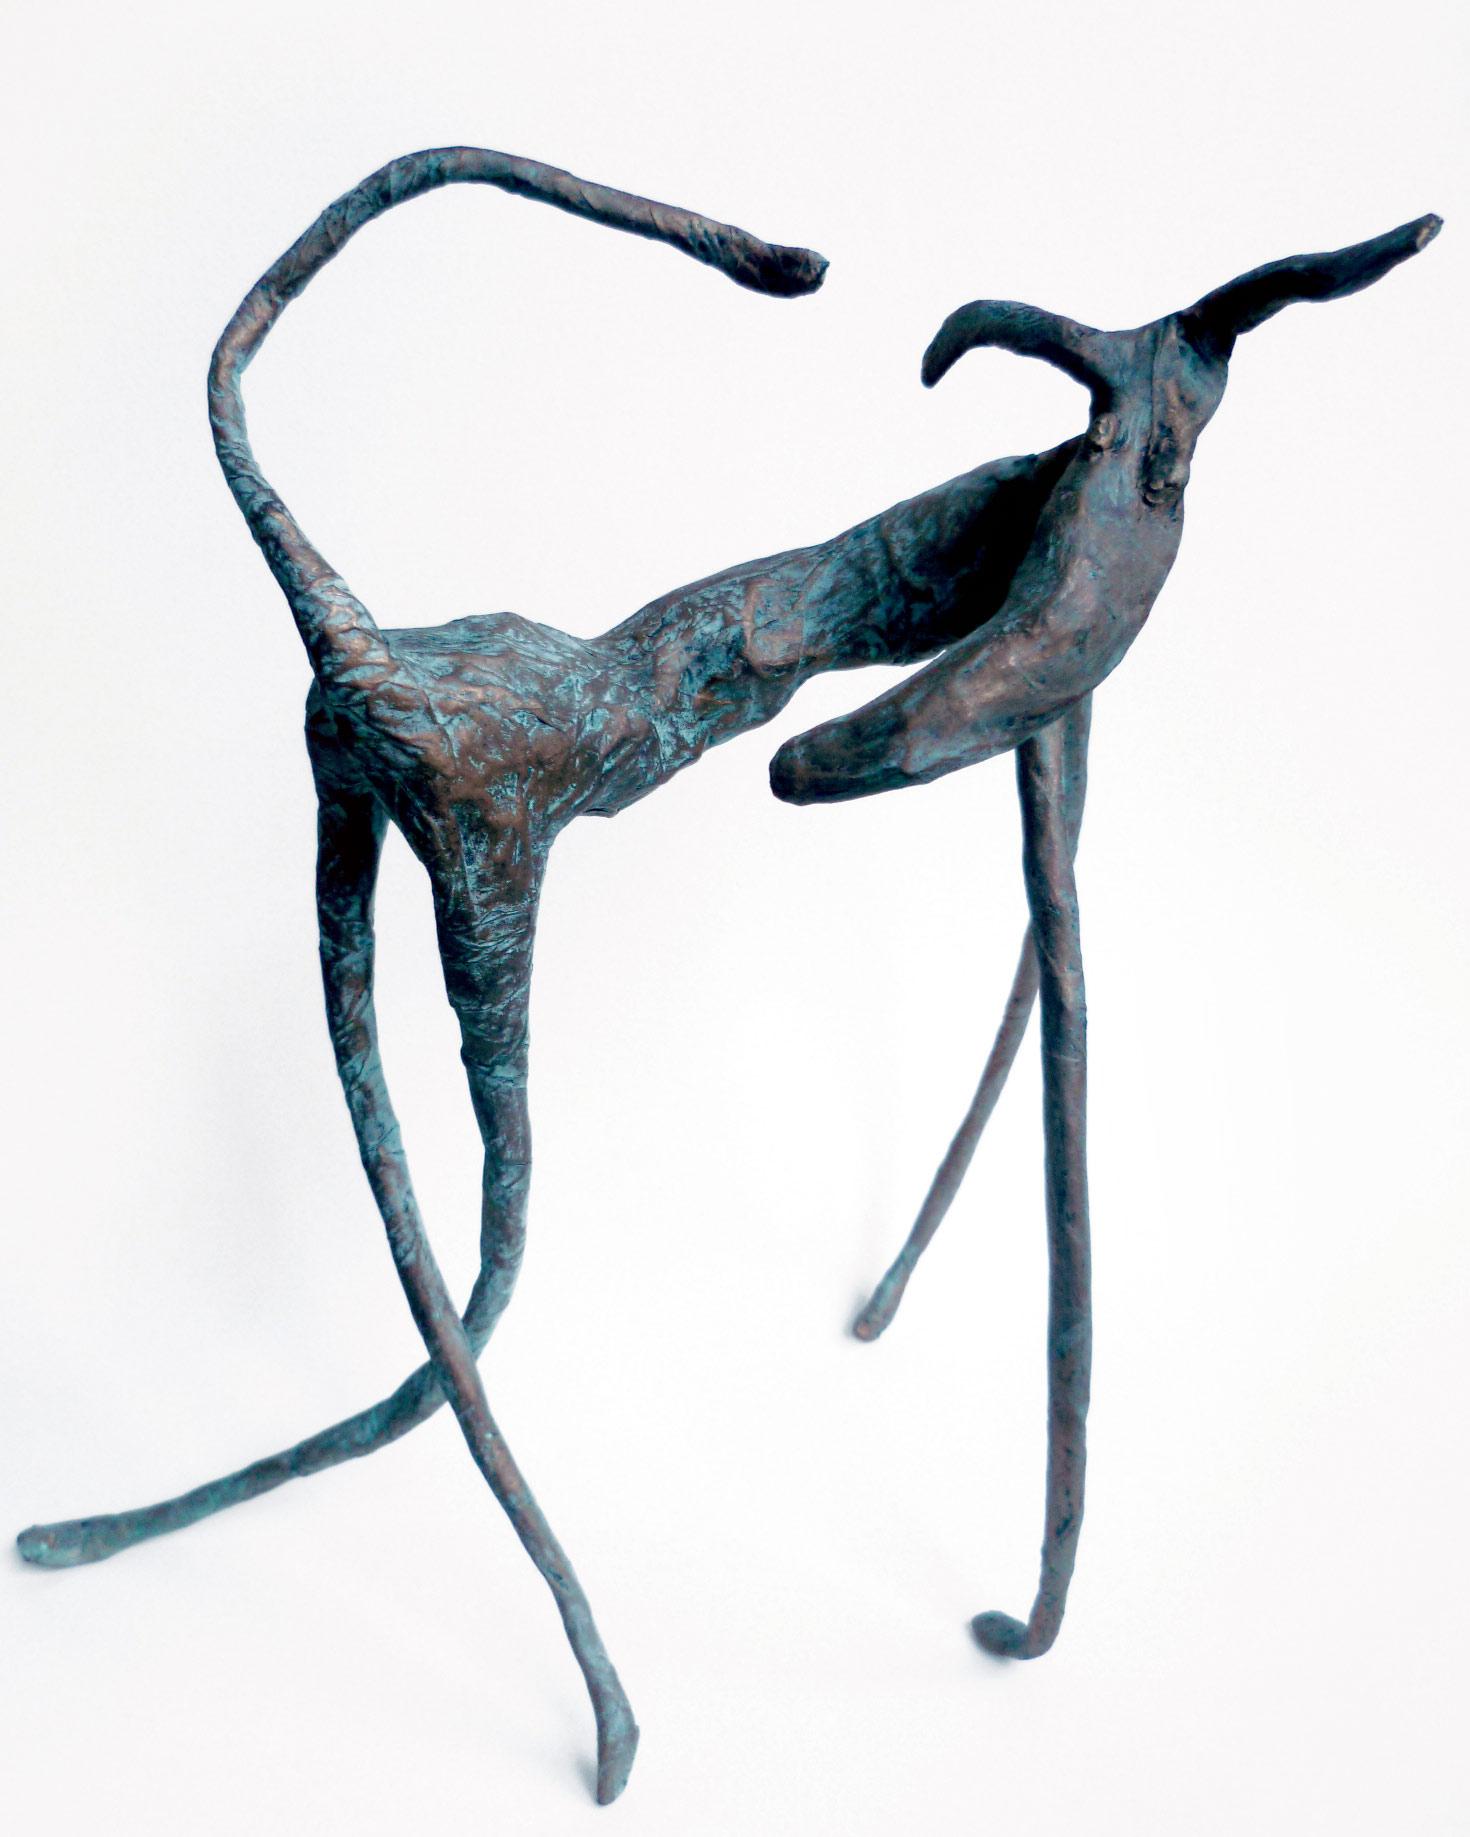 Doli bronze